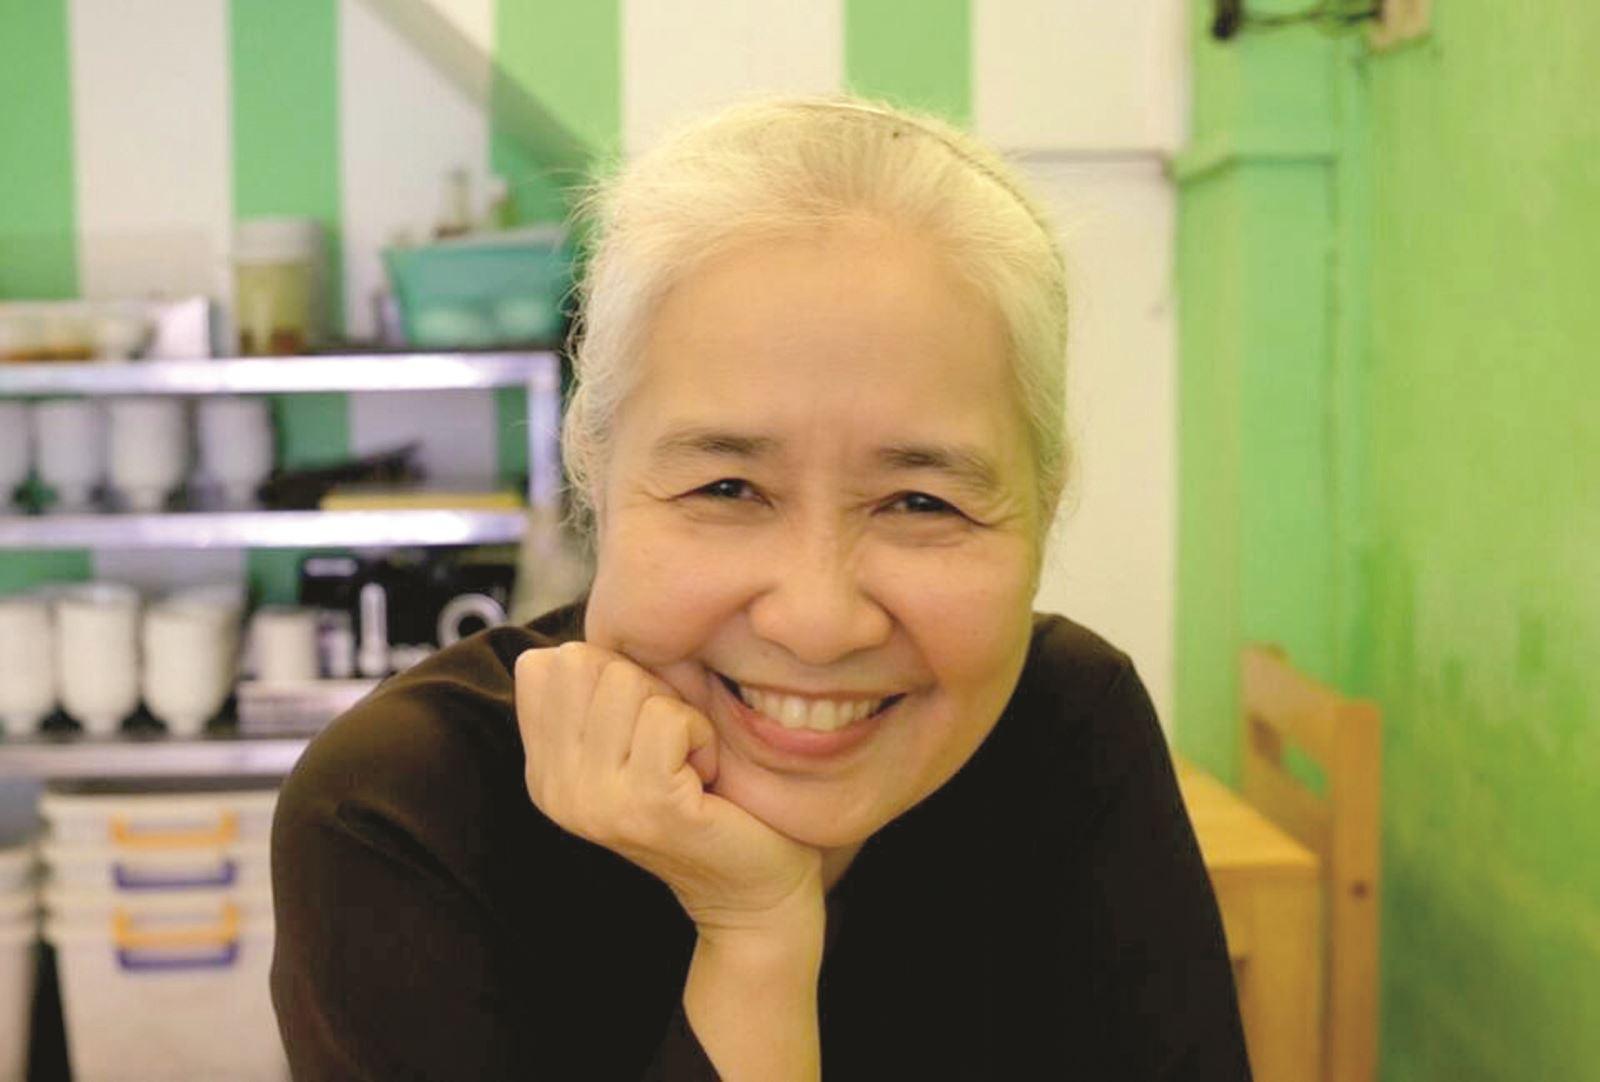 Nguyễn Dzoãn Cẩm Vân - 'huyền thoại' màn ảnh nhỏ giúp thổi lửa bao gian bếp gia đình Việt bất ngờ xuất gia ở tuổi 65 2